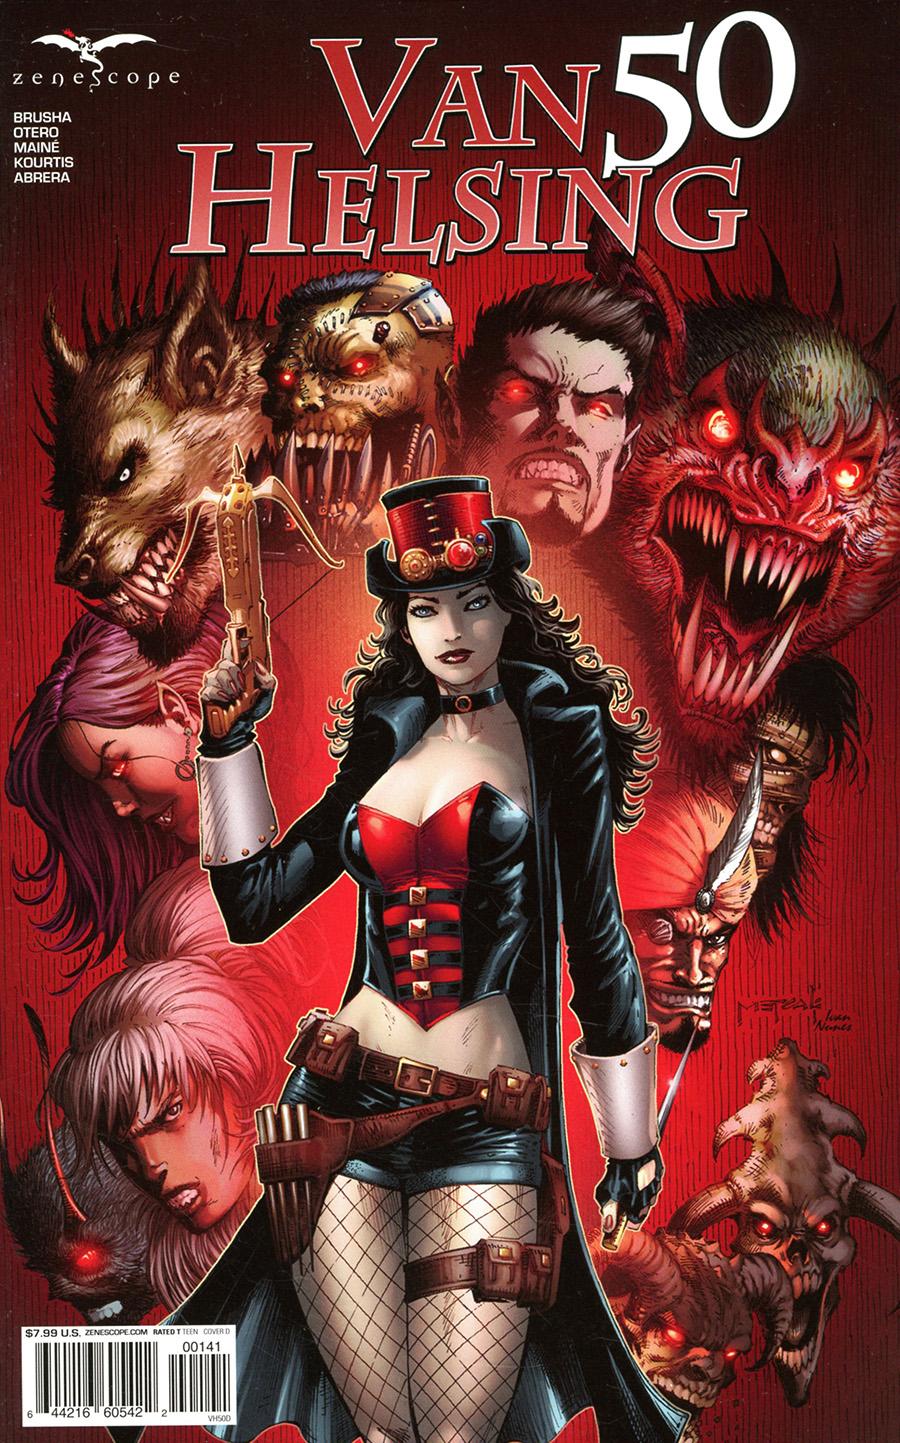 Grimm Fairy Tales Presents Van Helsing #50 Cover D Jason Metcalf